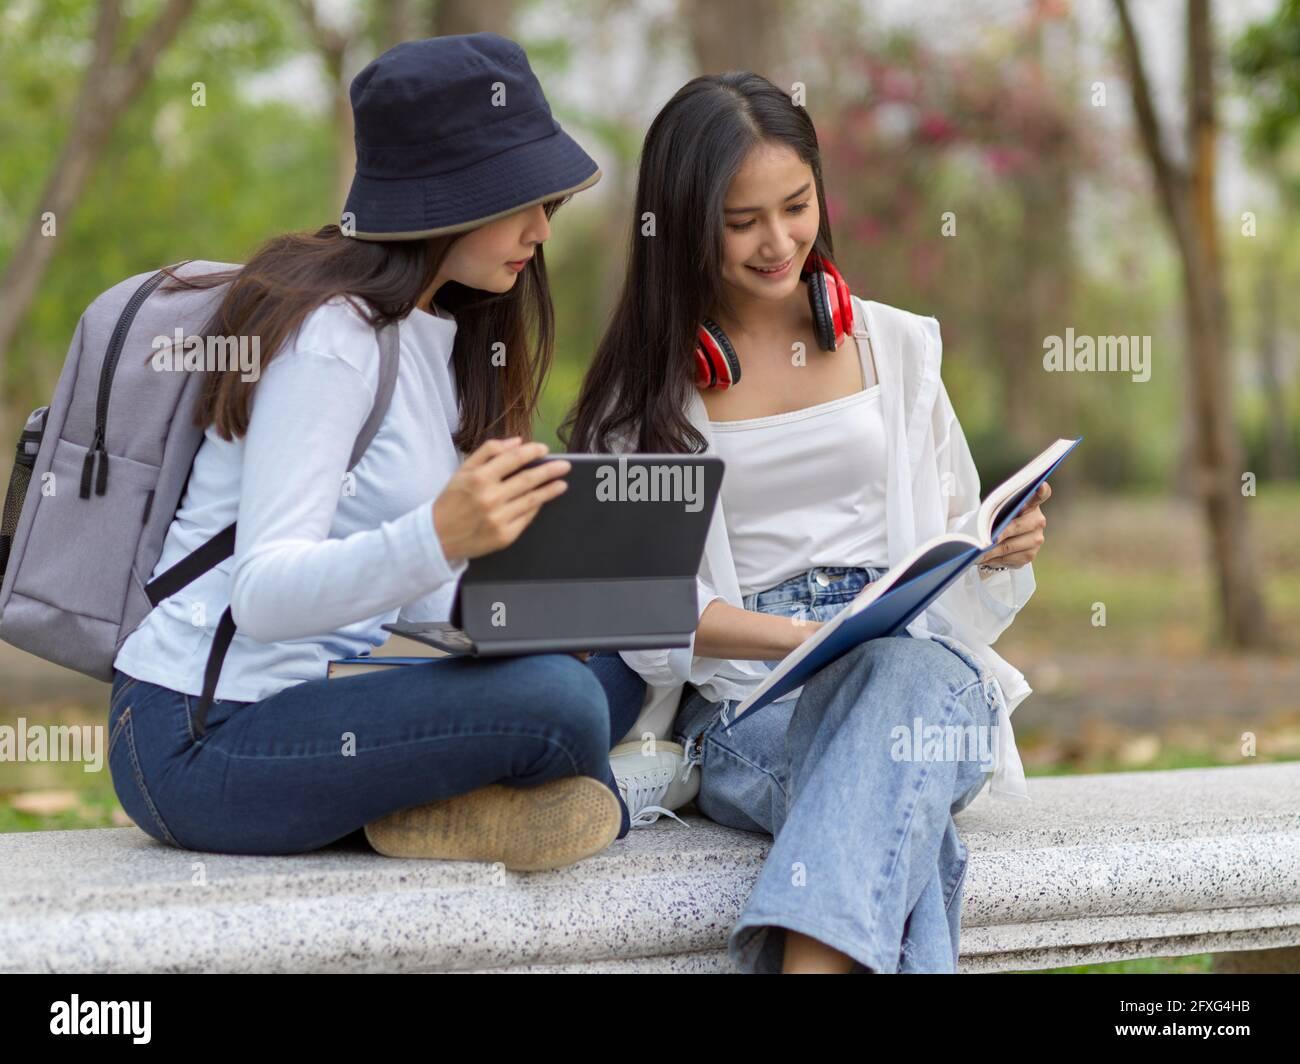 Studentinnen junge hübsche Vögelnest